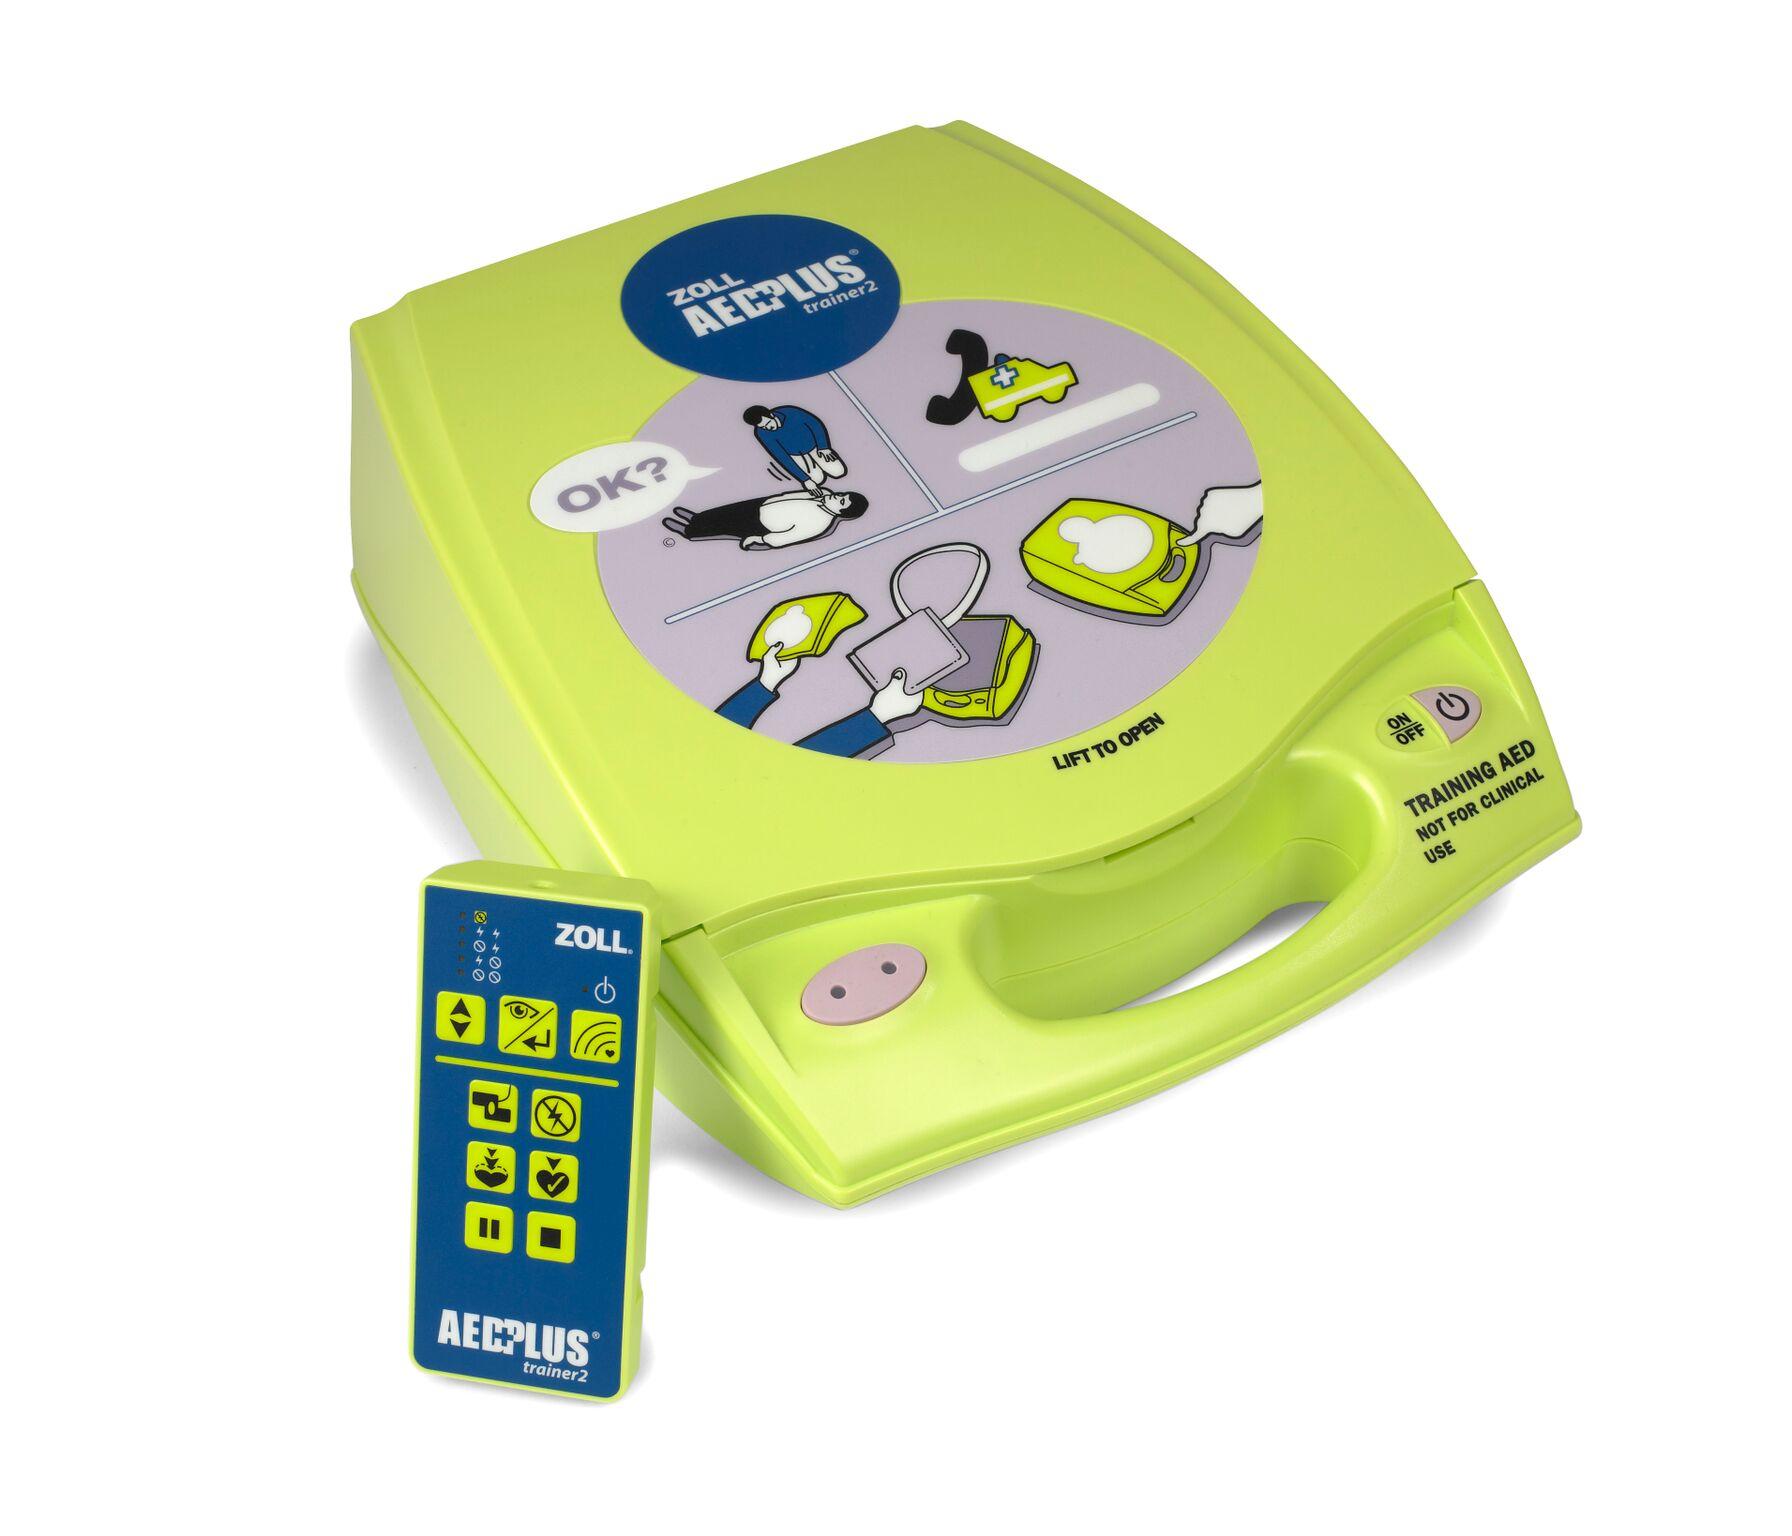 AED Plus Trainer II